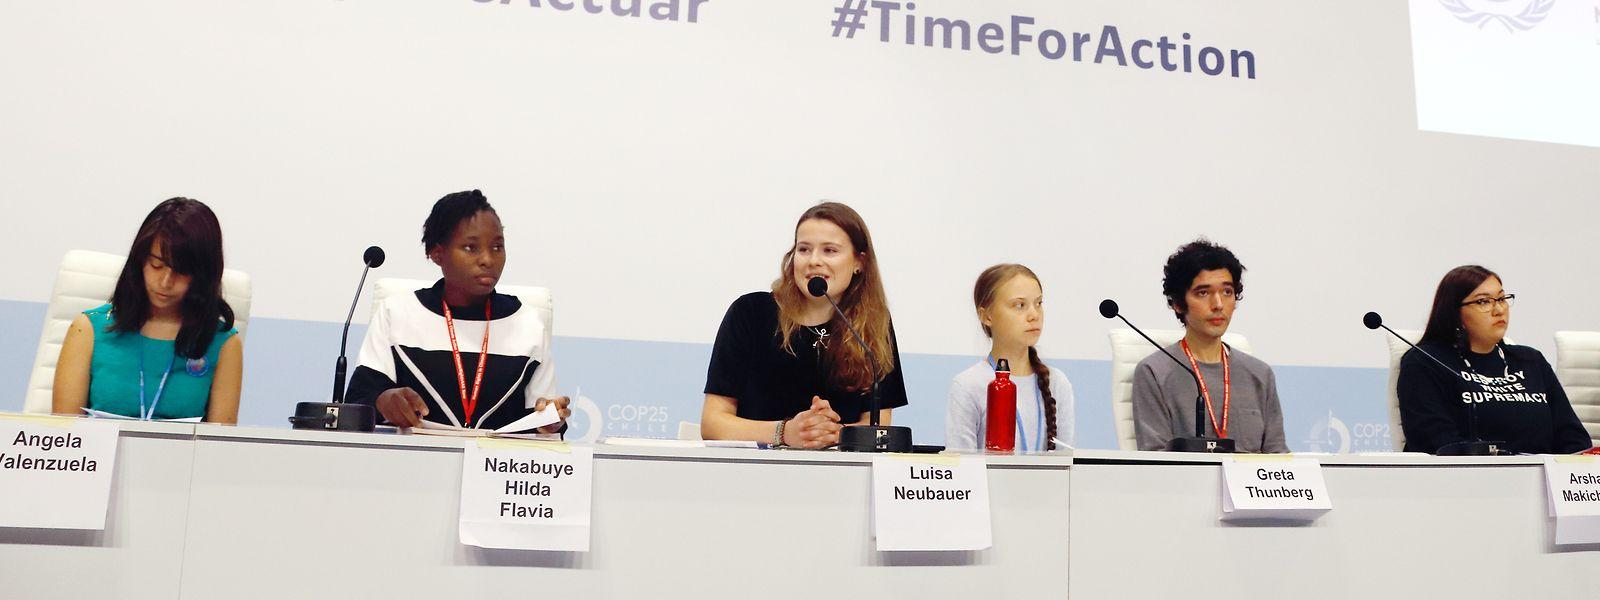 Greta Thunberg (3.v.r.) teilte sich das Podium mit mehreren Mitstreitern.